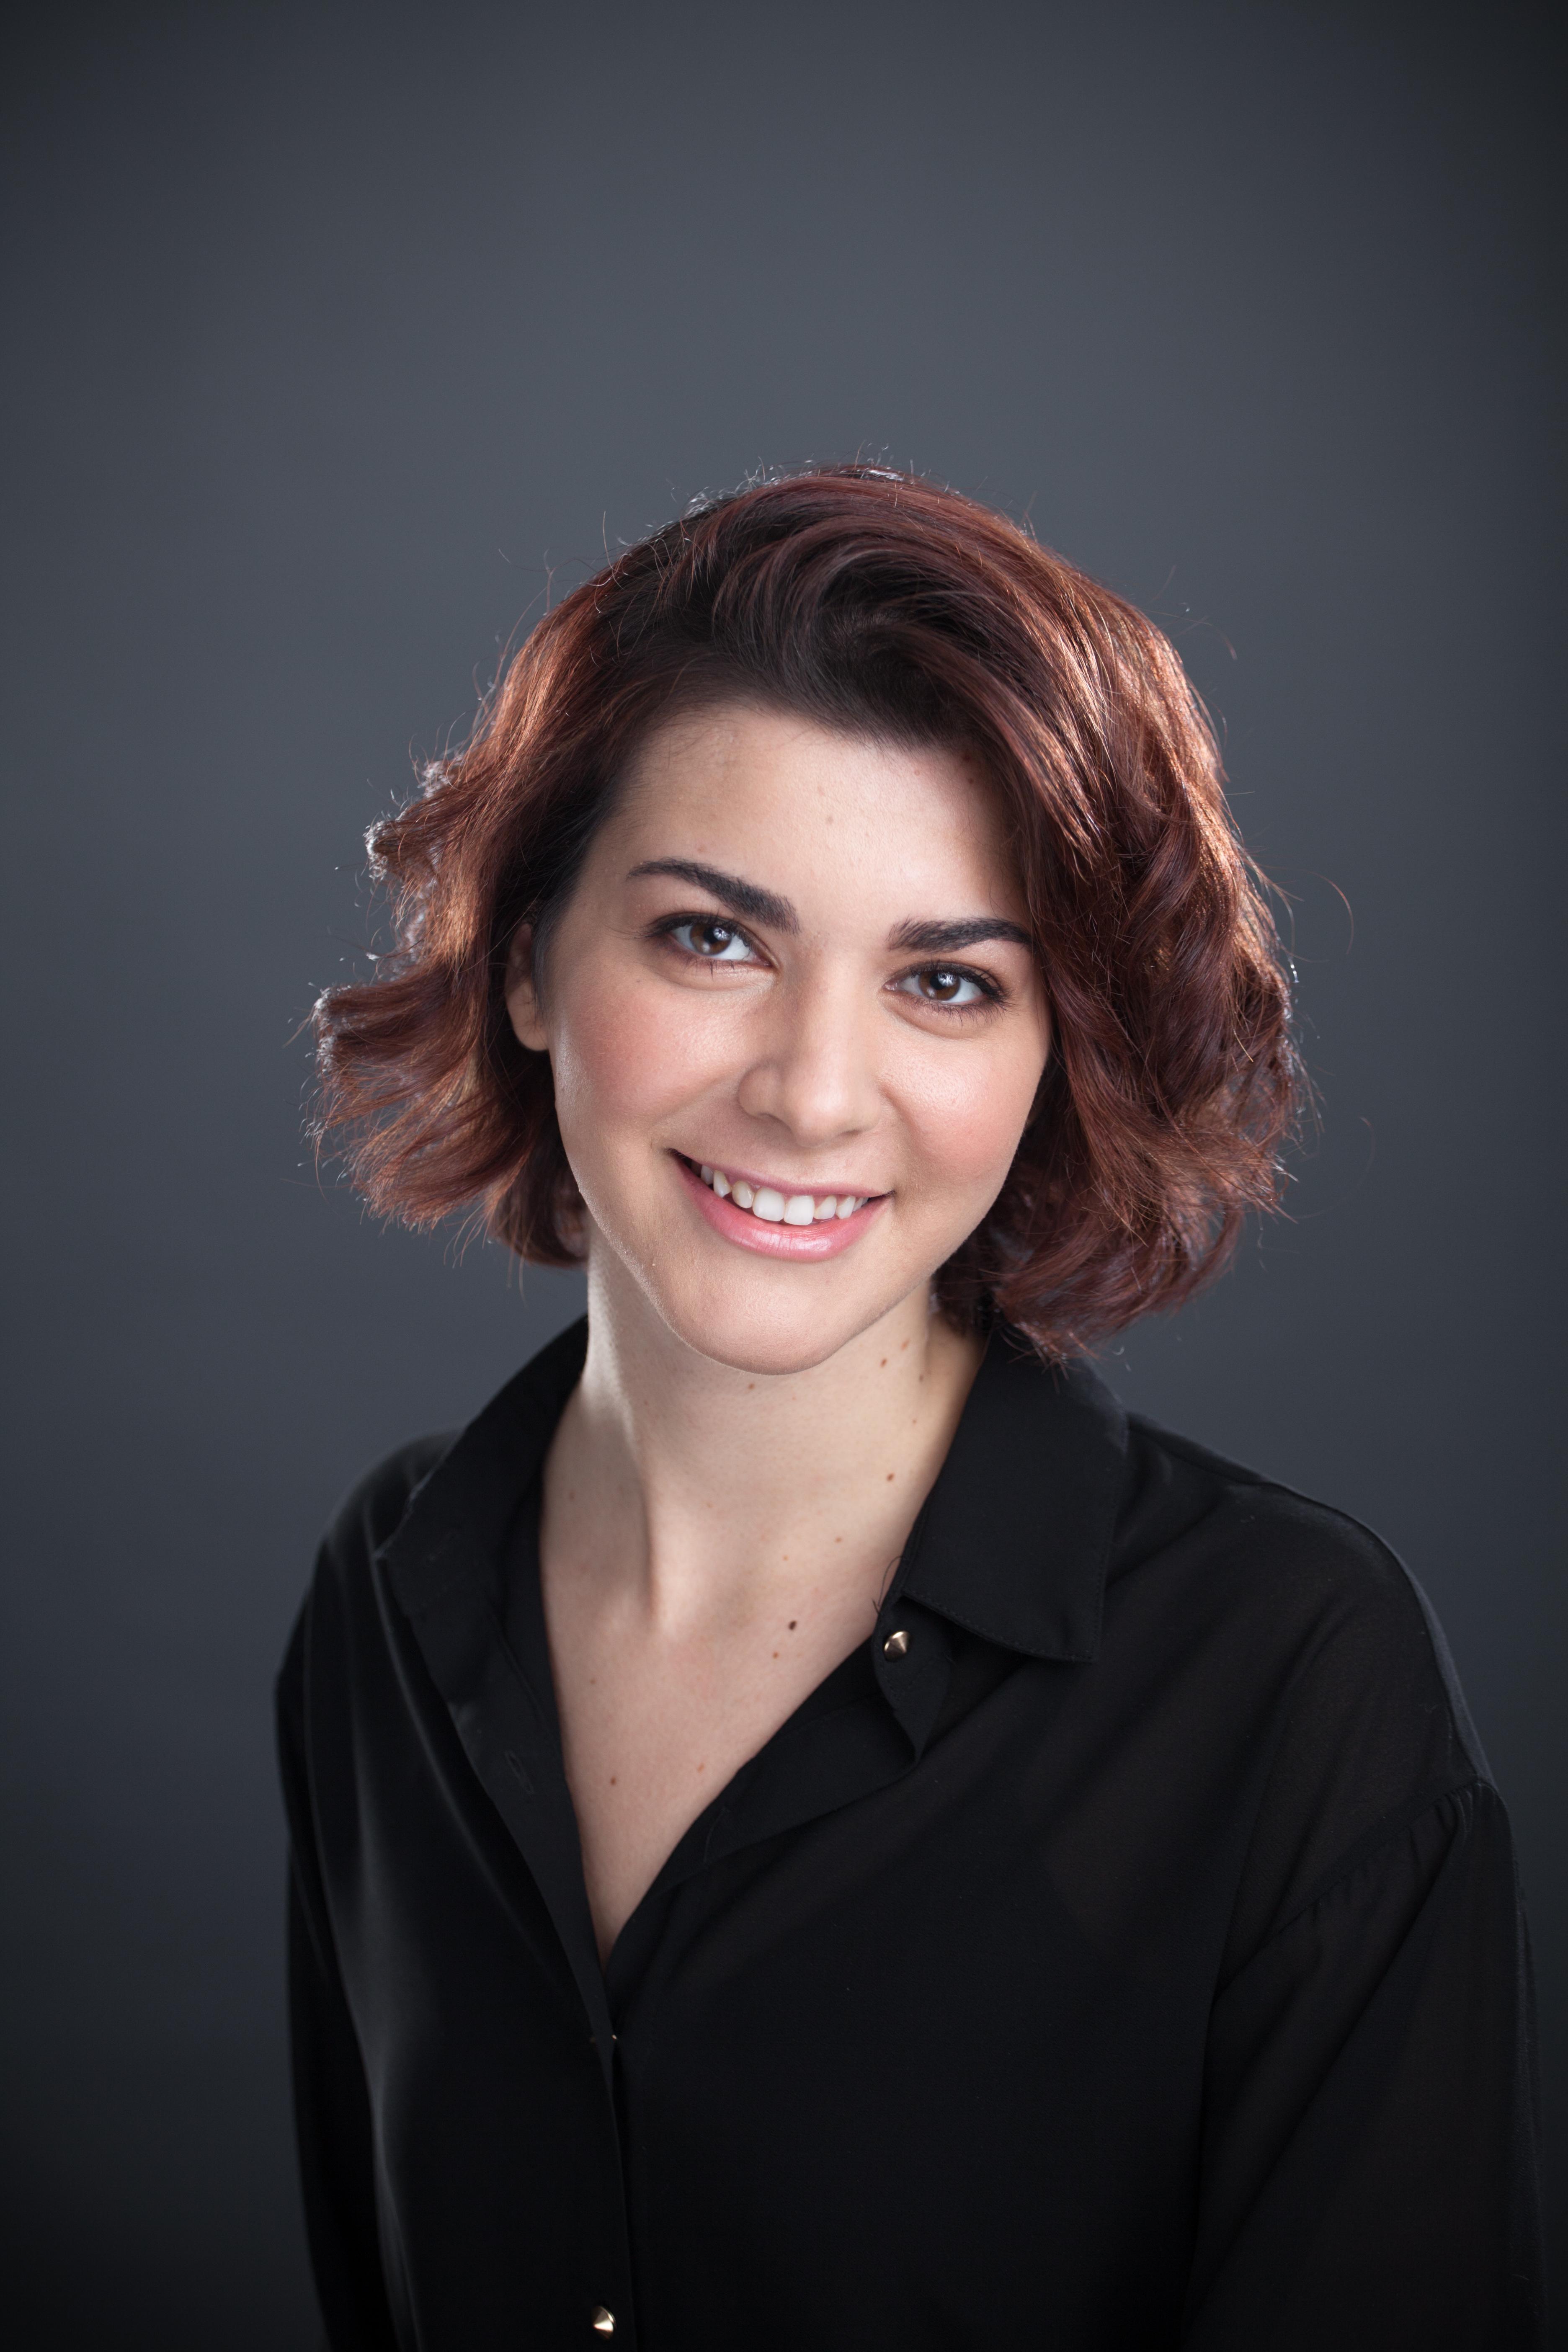 Julia Scaringi